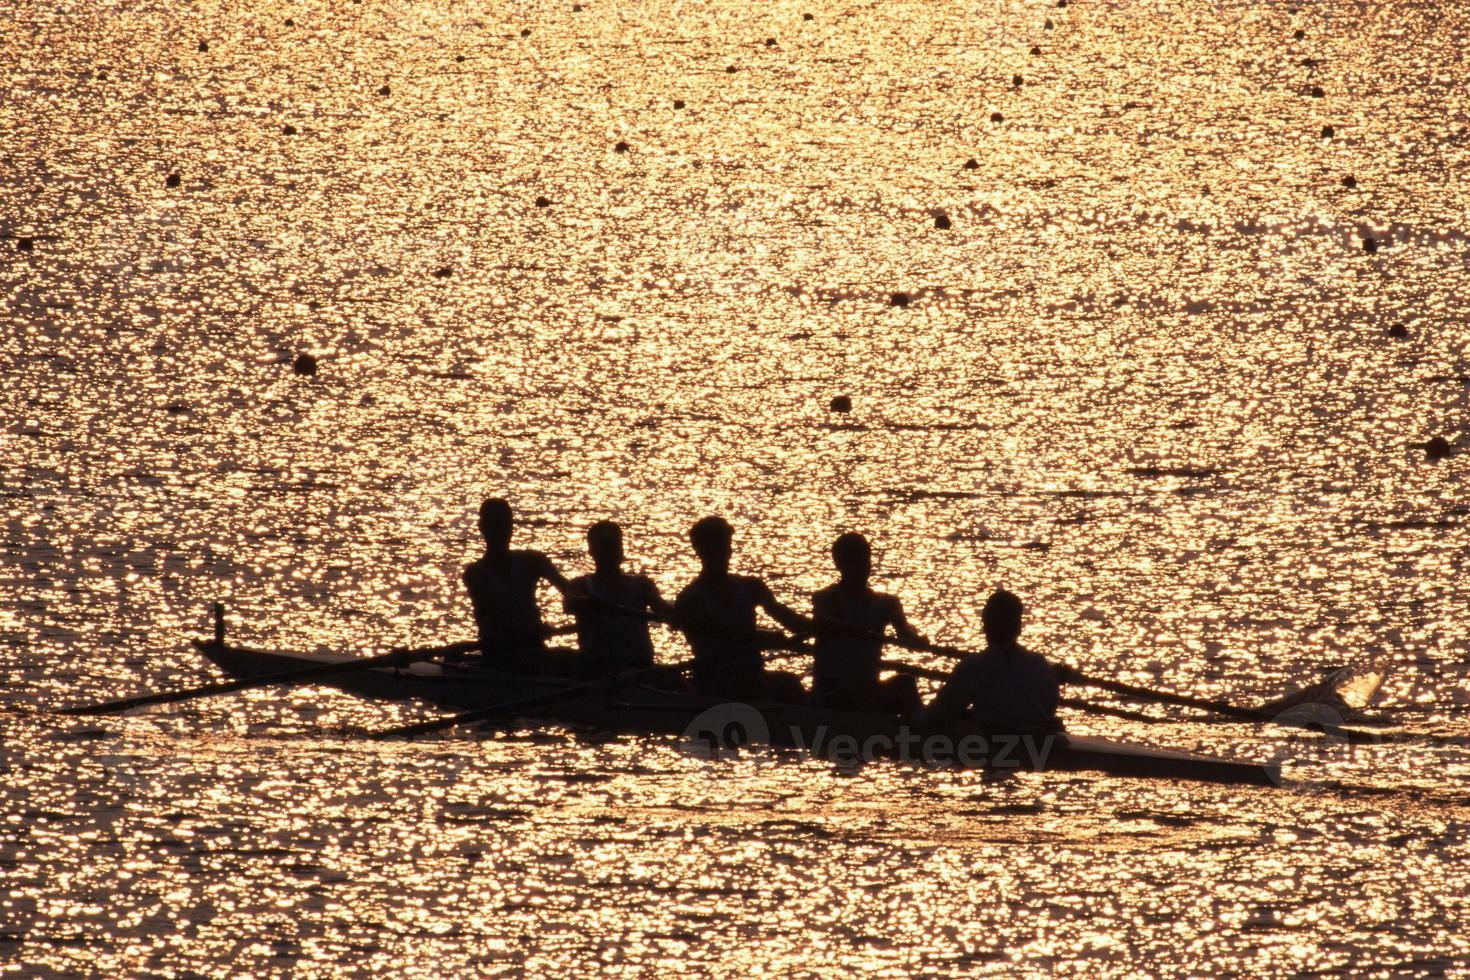 Team von Ruderern bei Sonnenuntergang silhouettiert foto